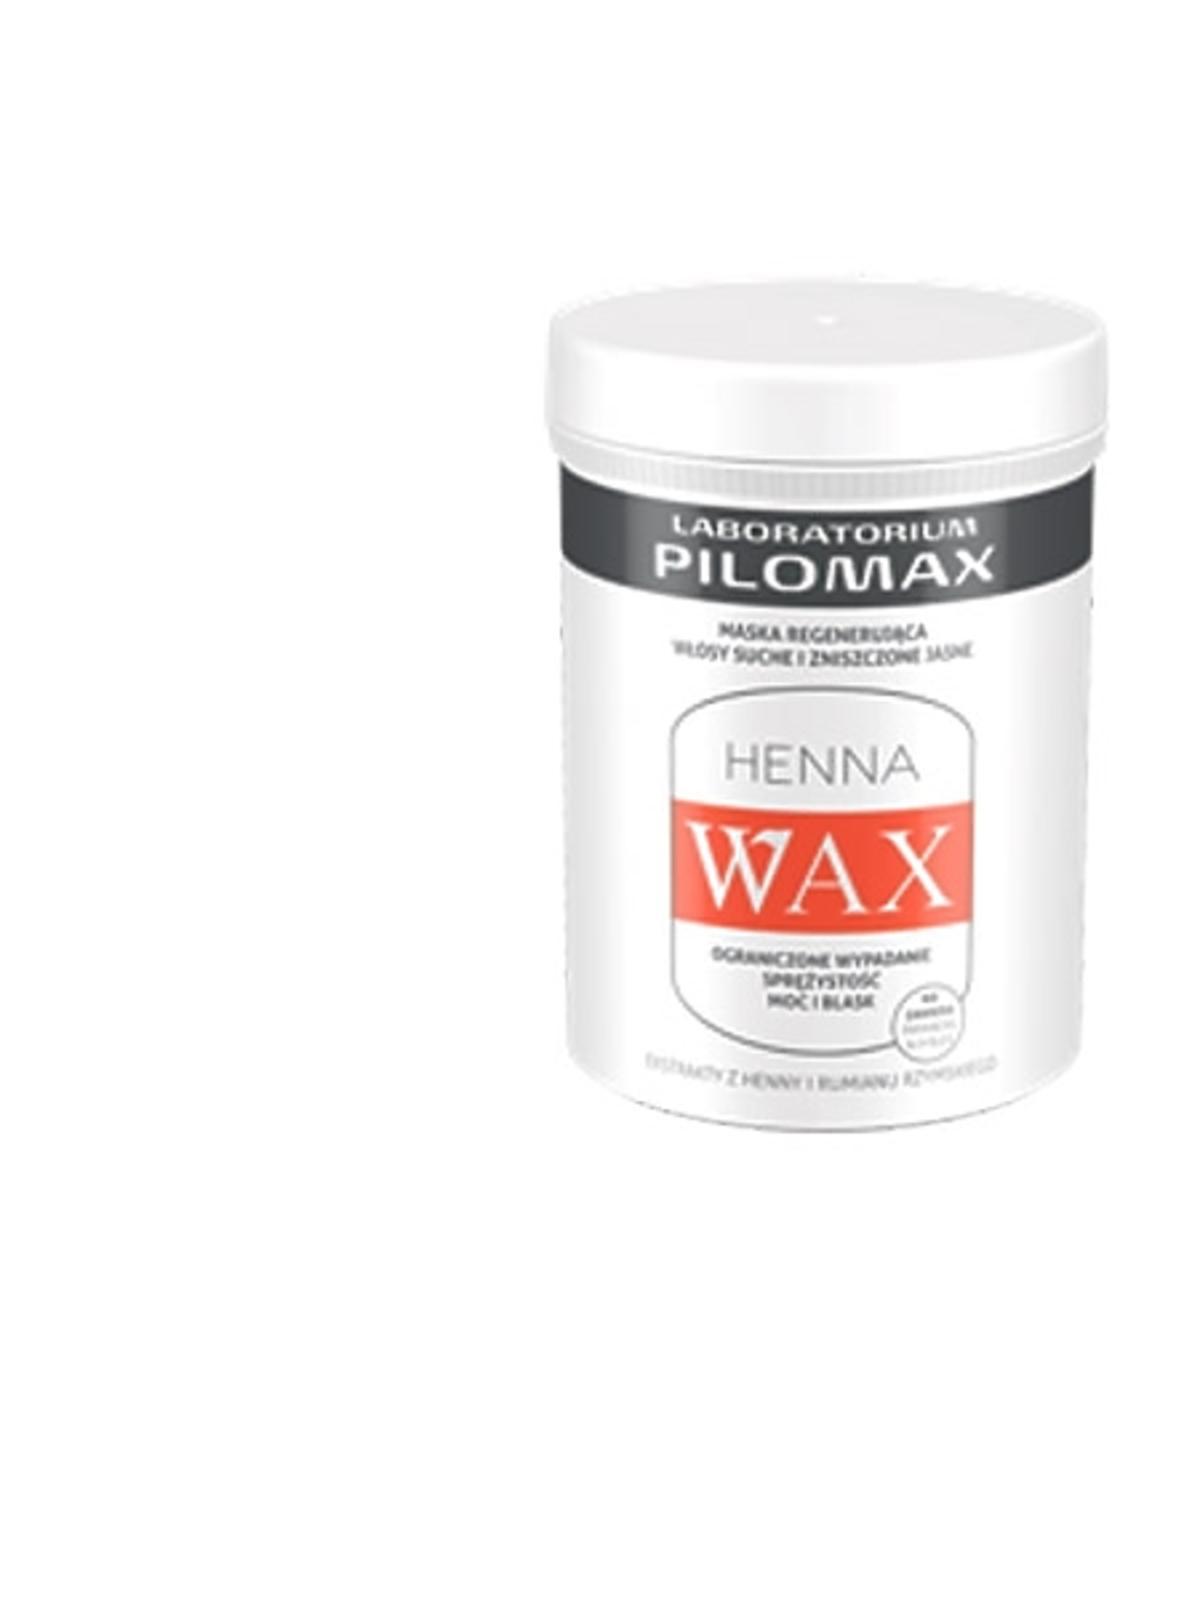 Henna Wax, maska odżywcza do włosów jasnych, cena